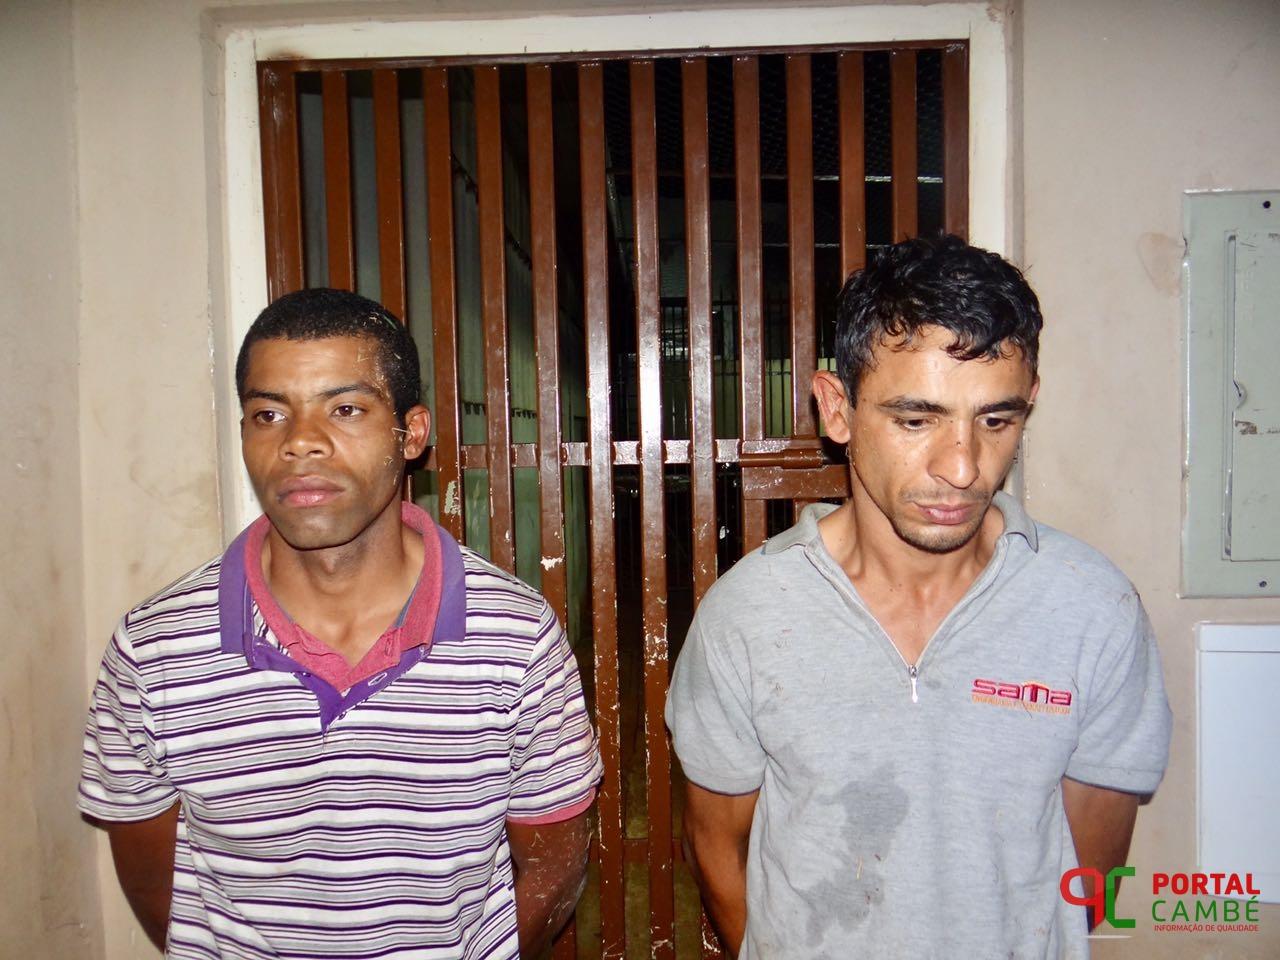 PM recupera celular e dinheiro roubados e prende suspeitos no Jardim Tupi em Cambé após roubo